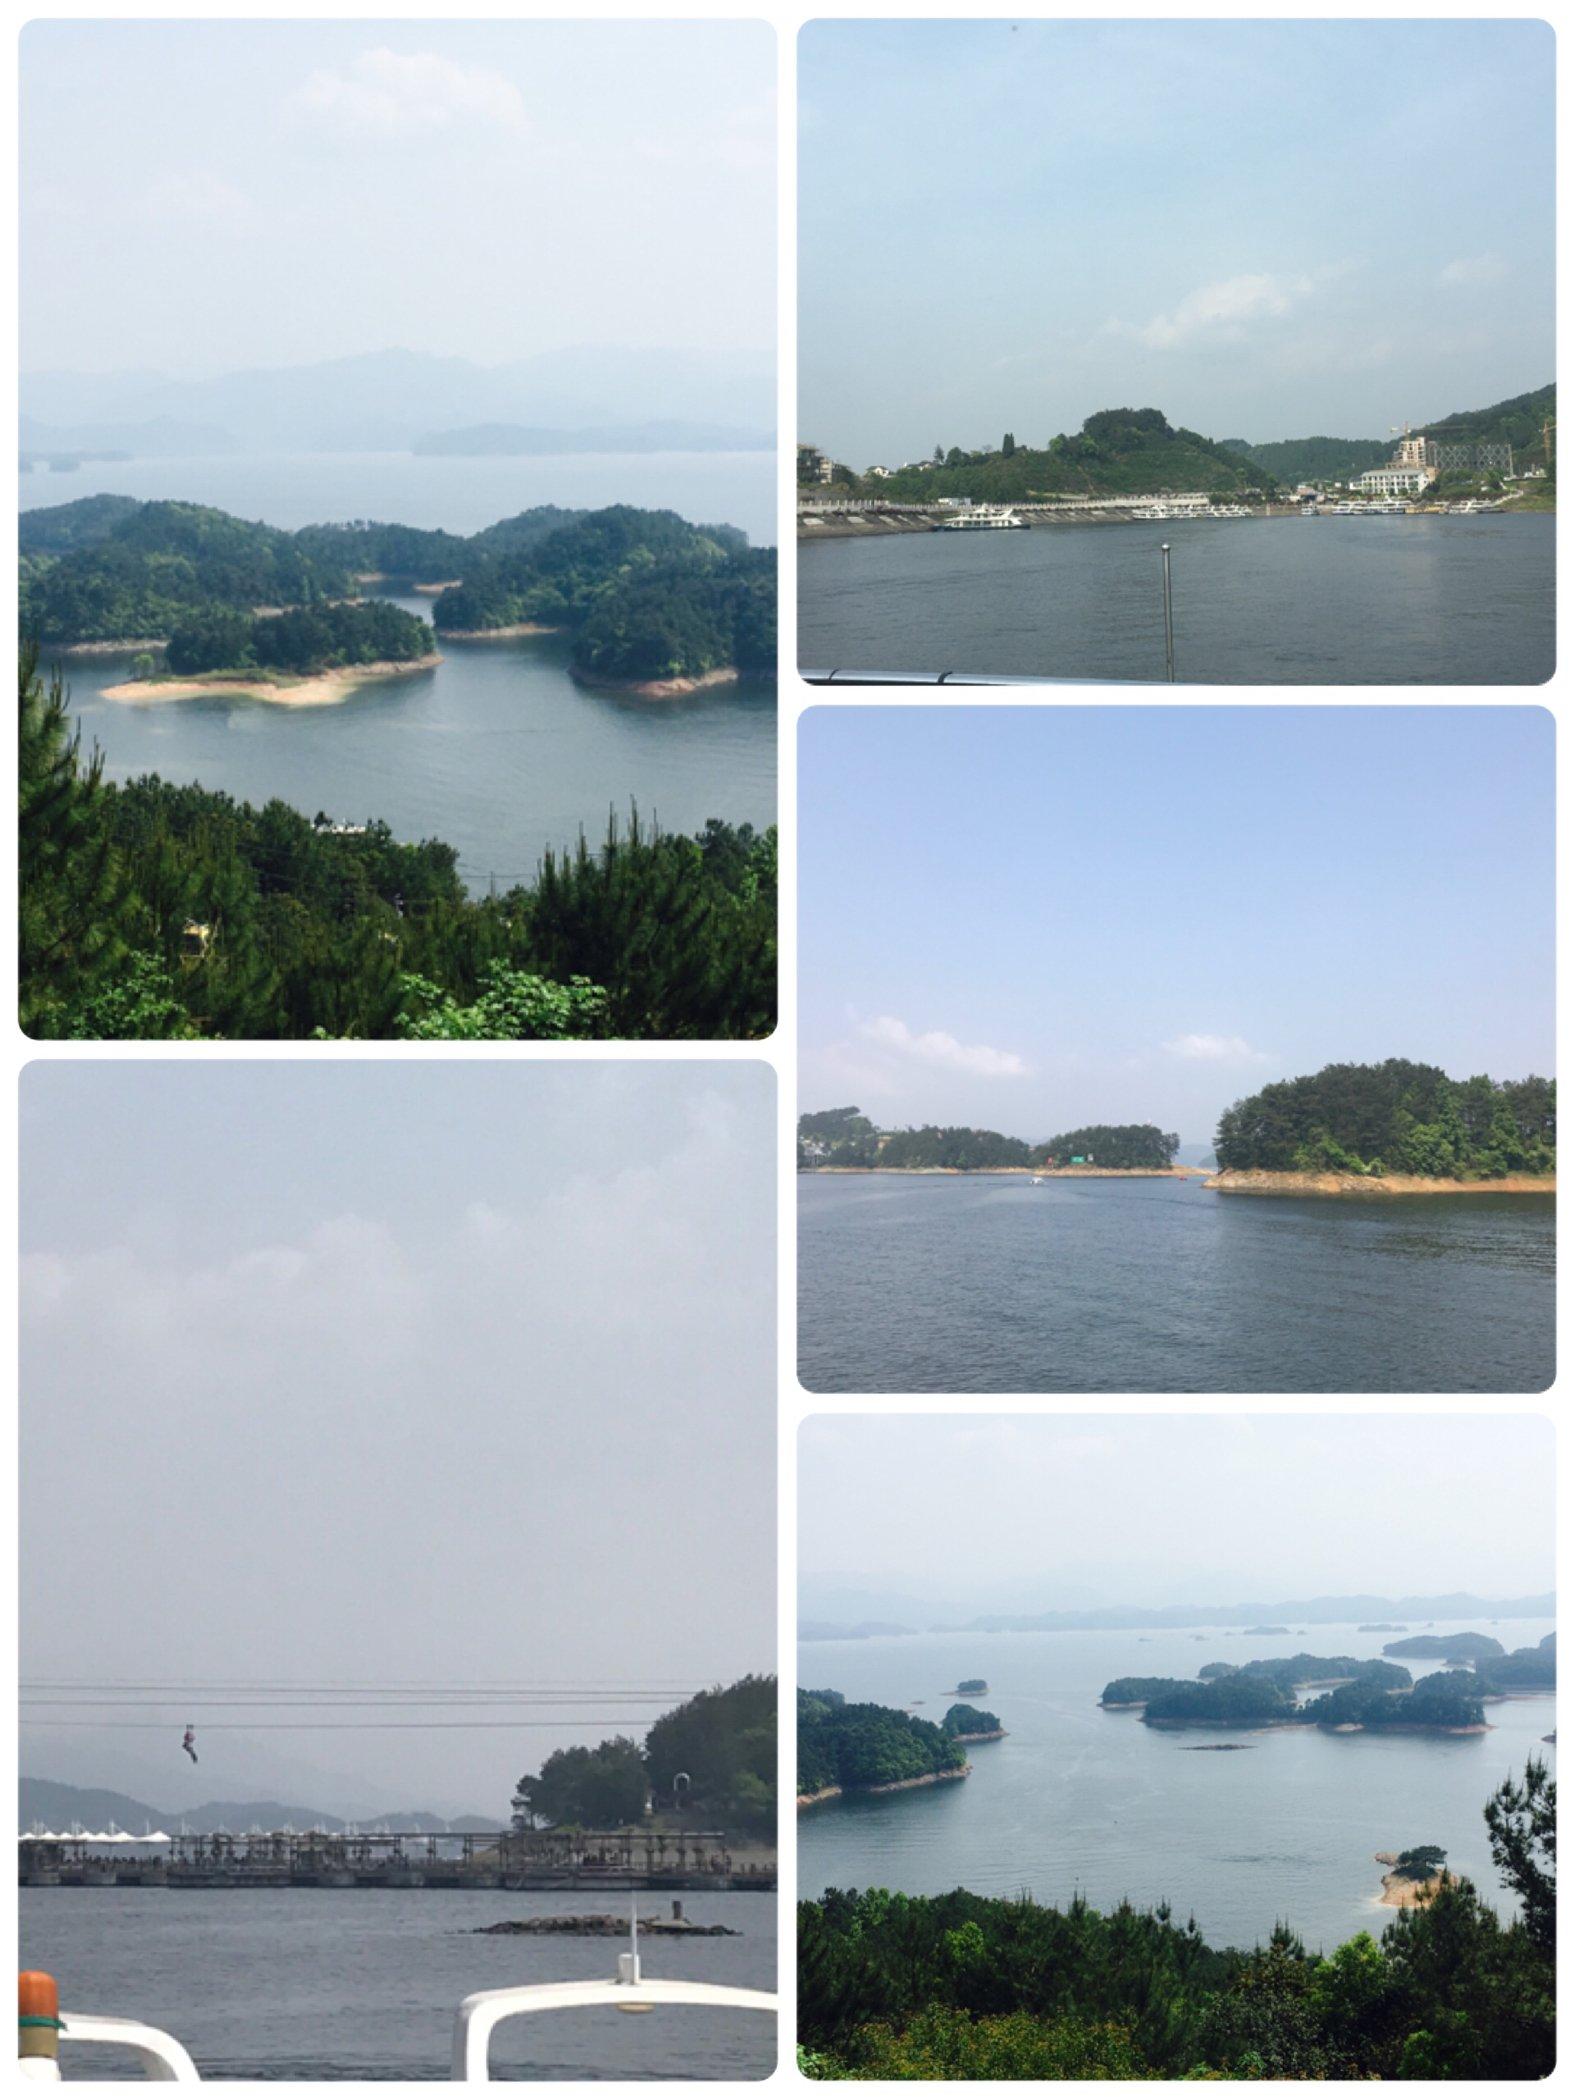 千岛湖1日游